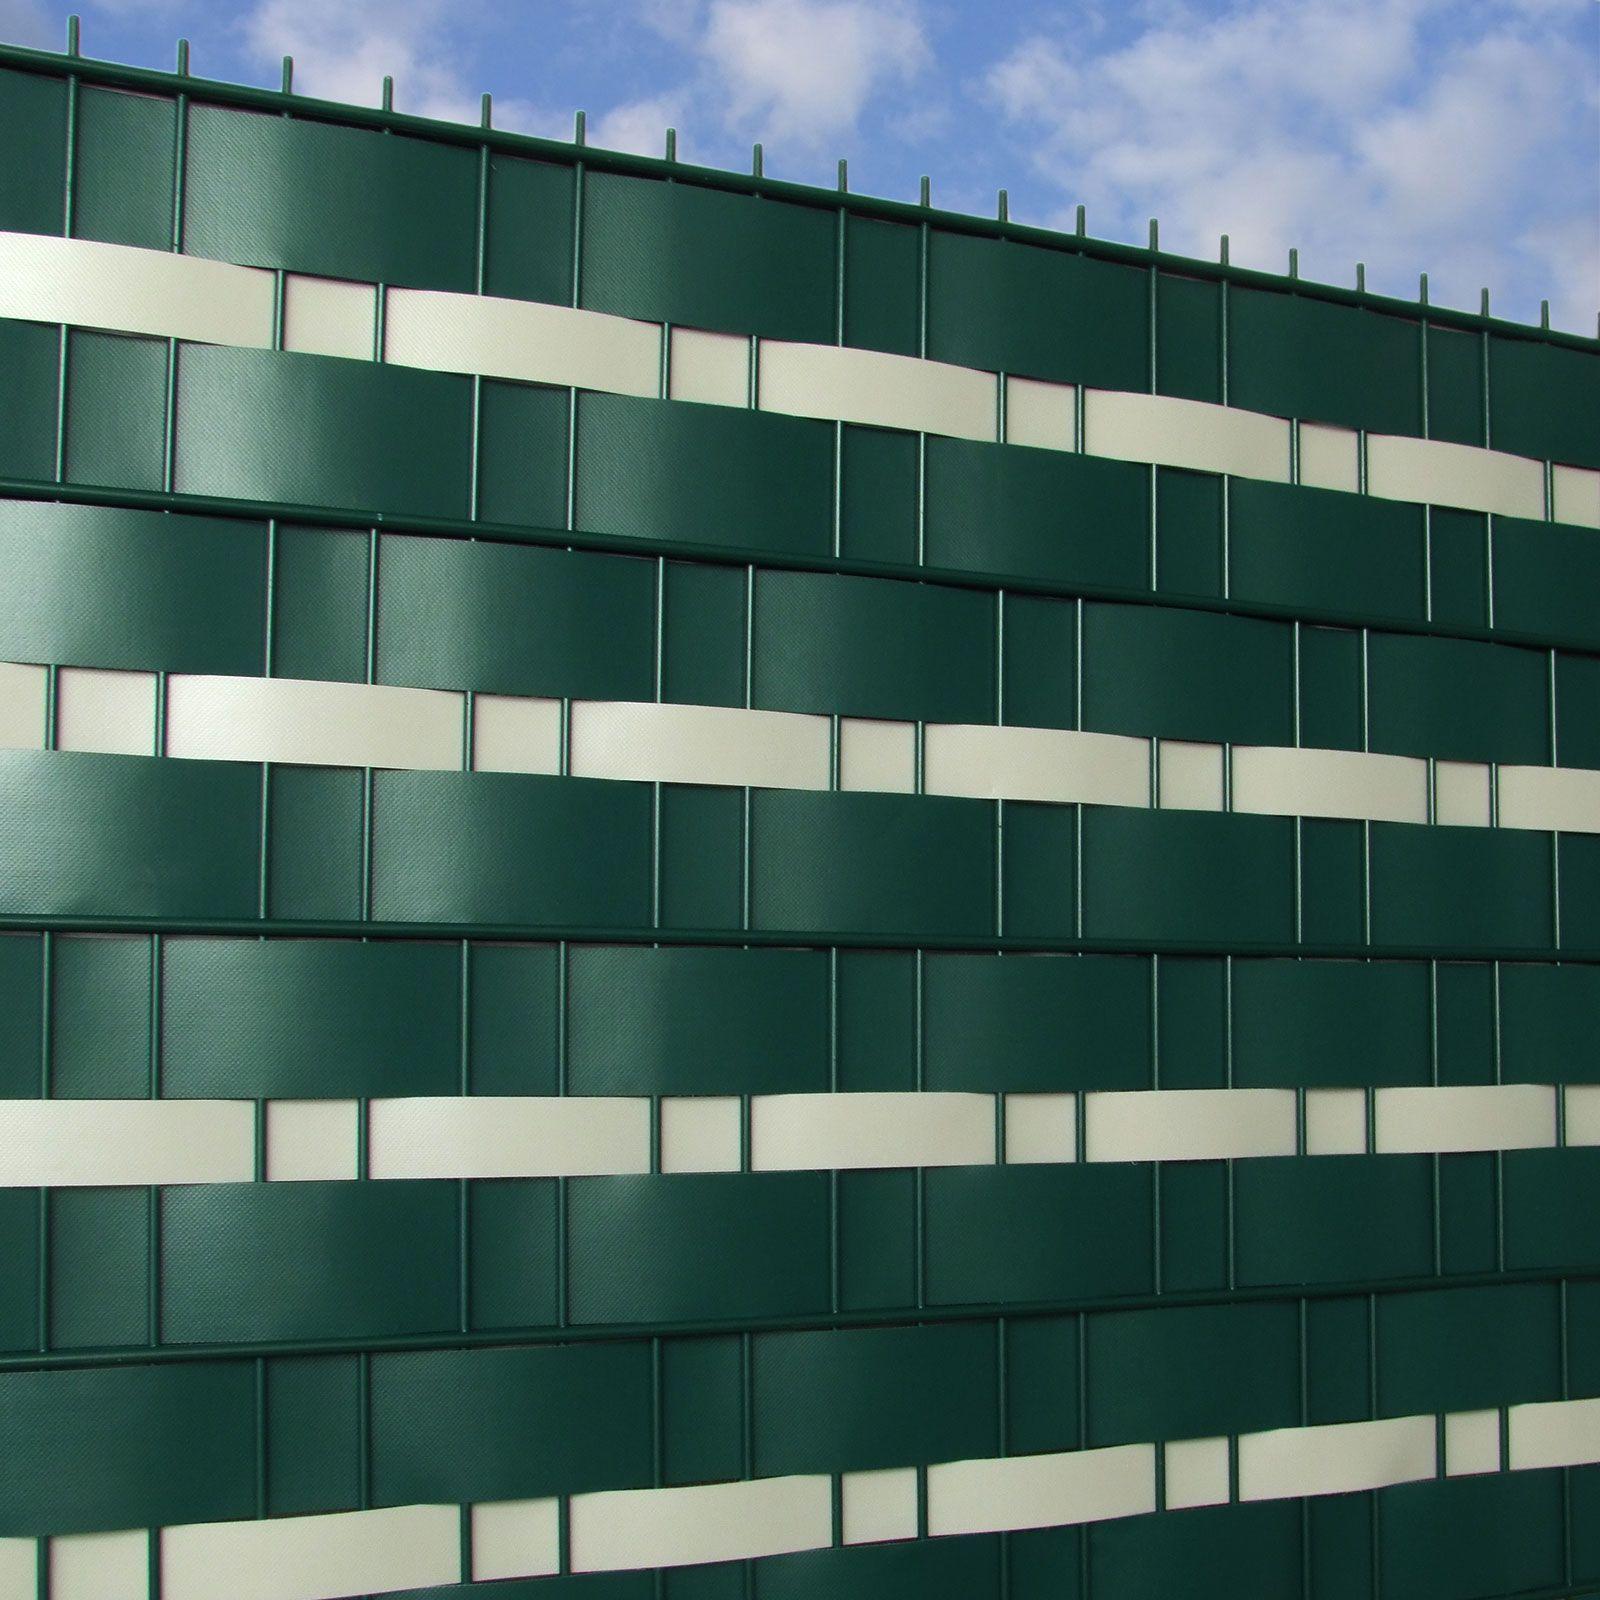 Sichtschutzzaun Grün Sichtschutzzäune